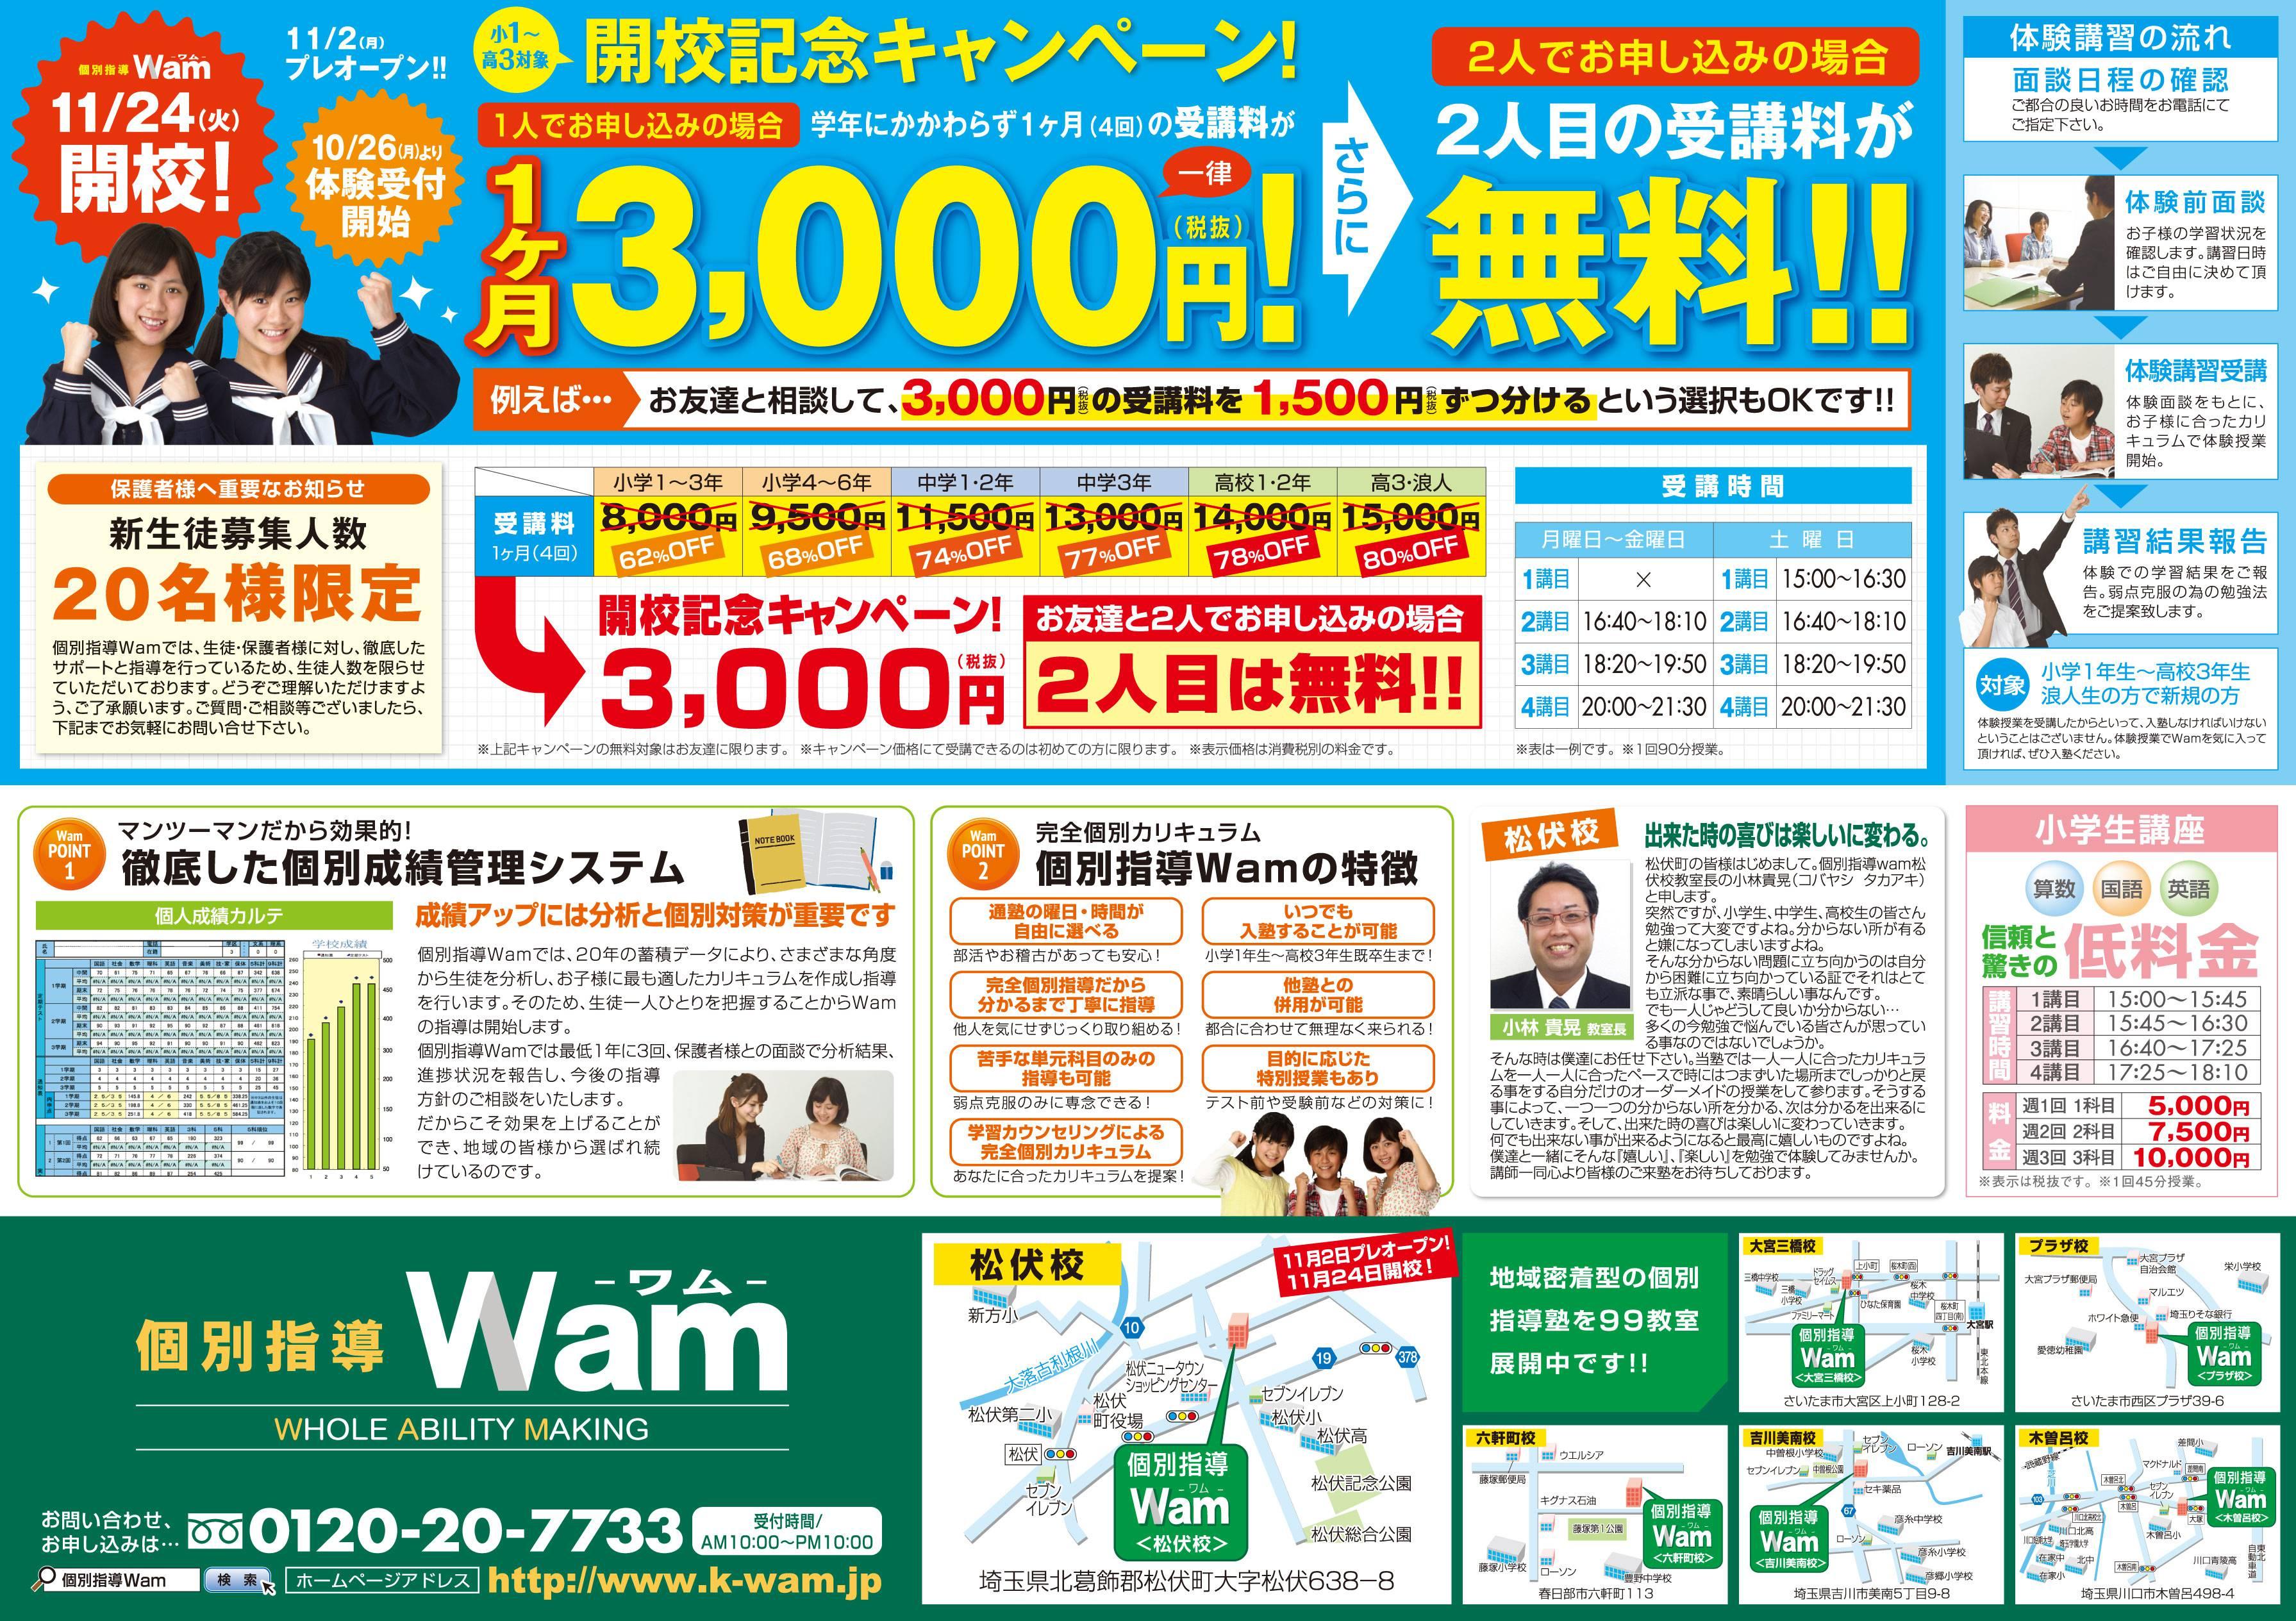 松伏校 2015年11月2日(月) プレオープン・ウラ面